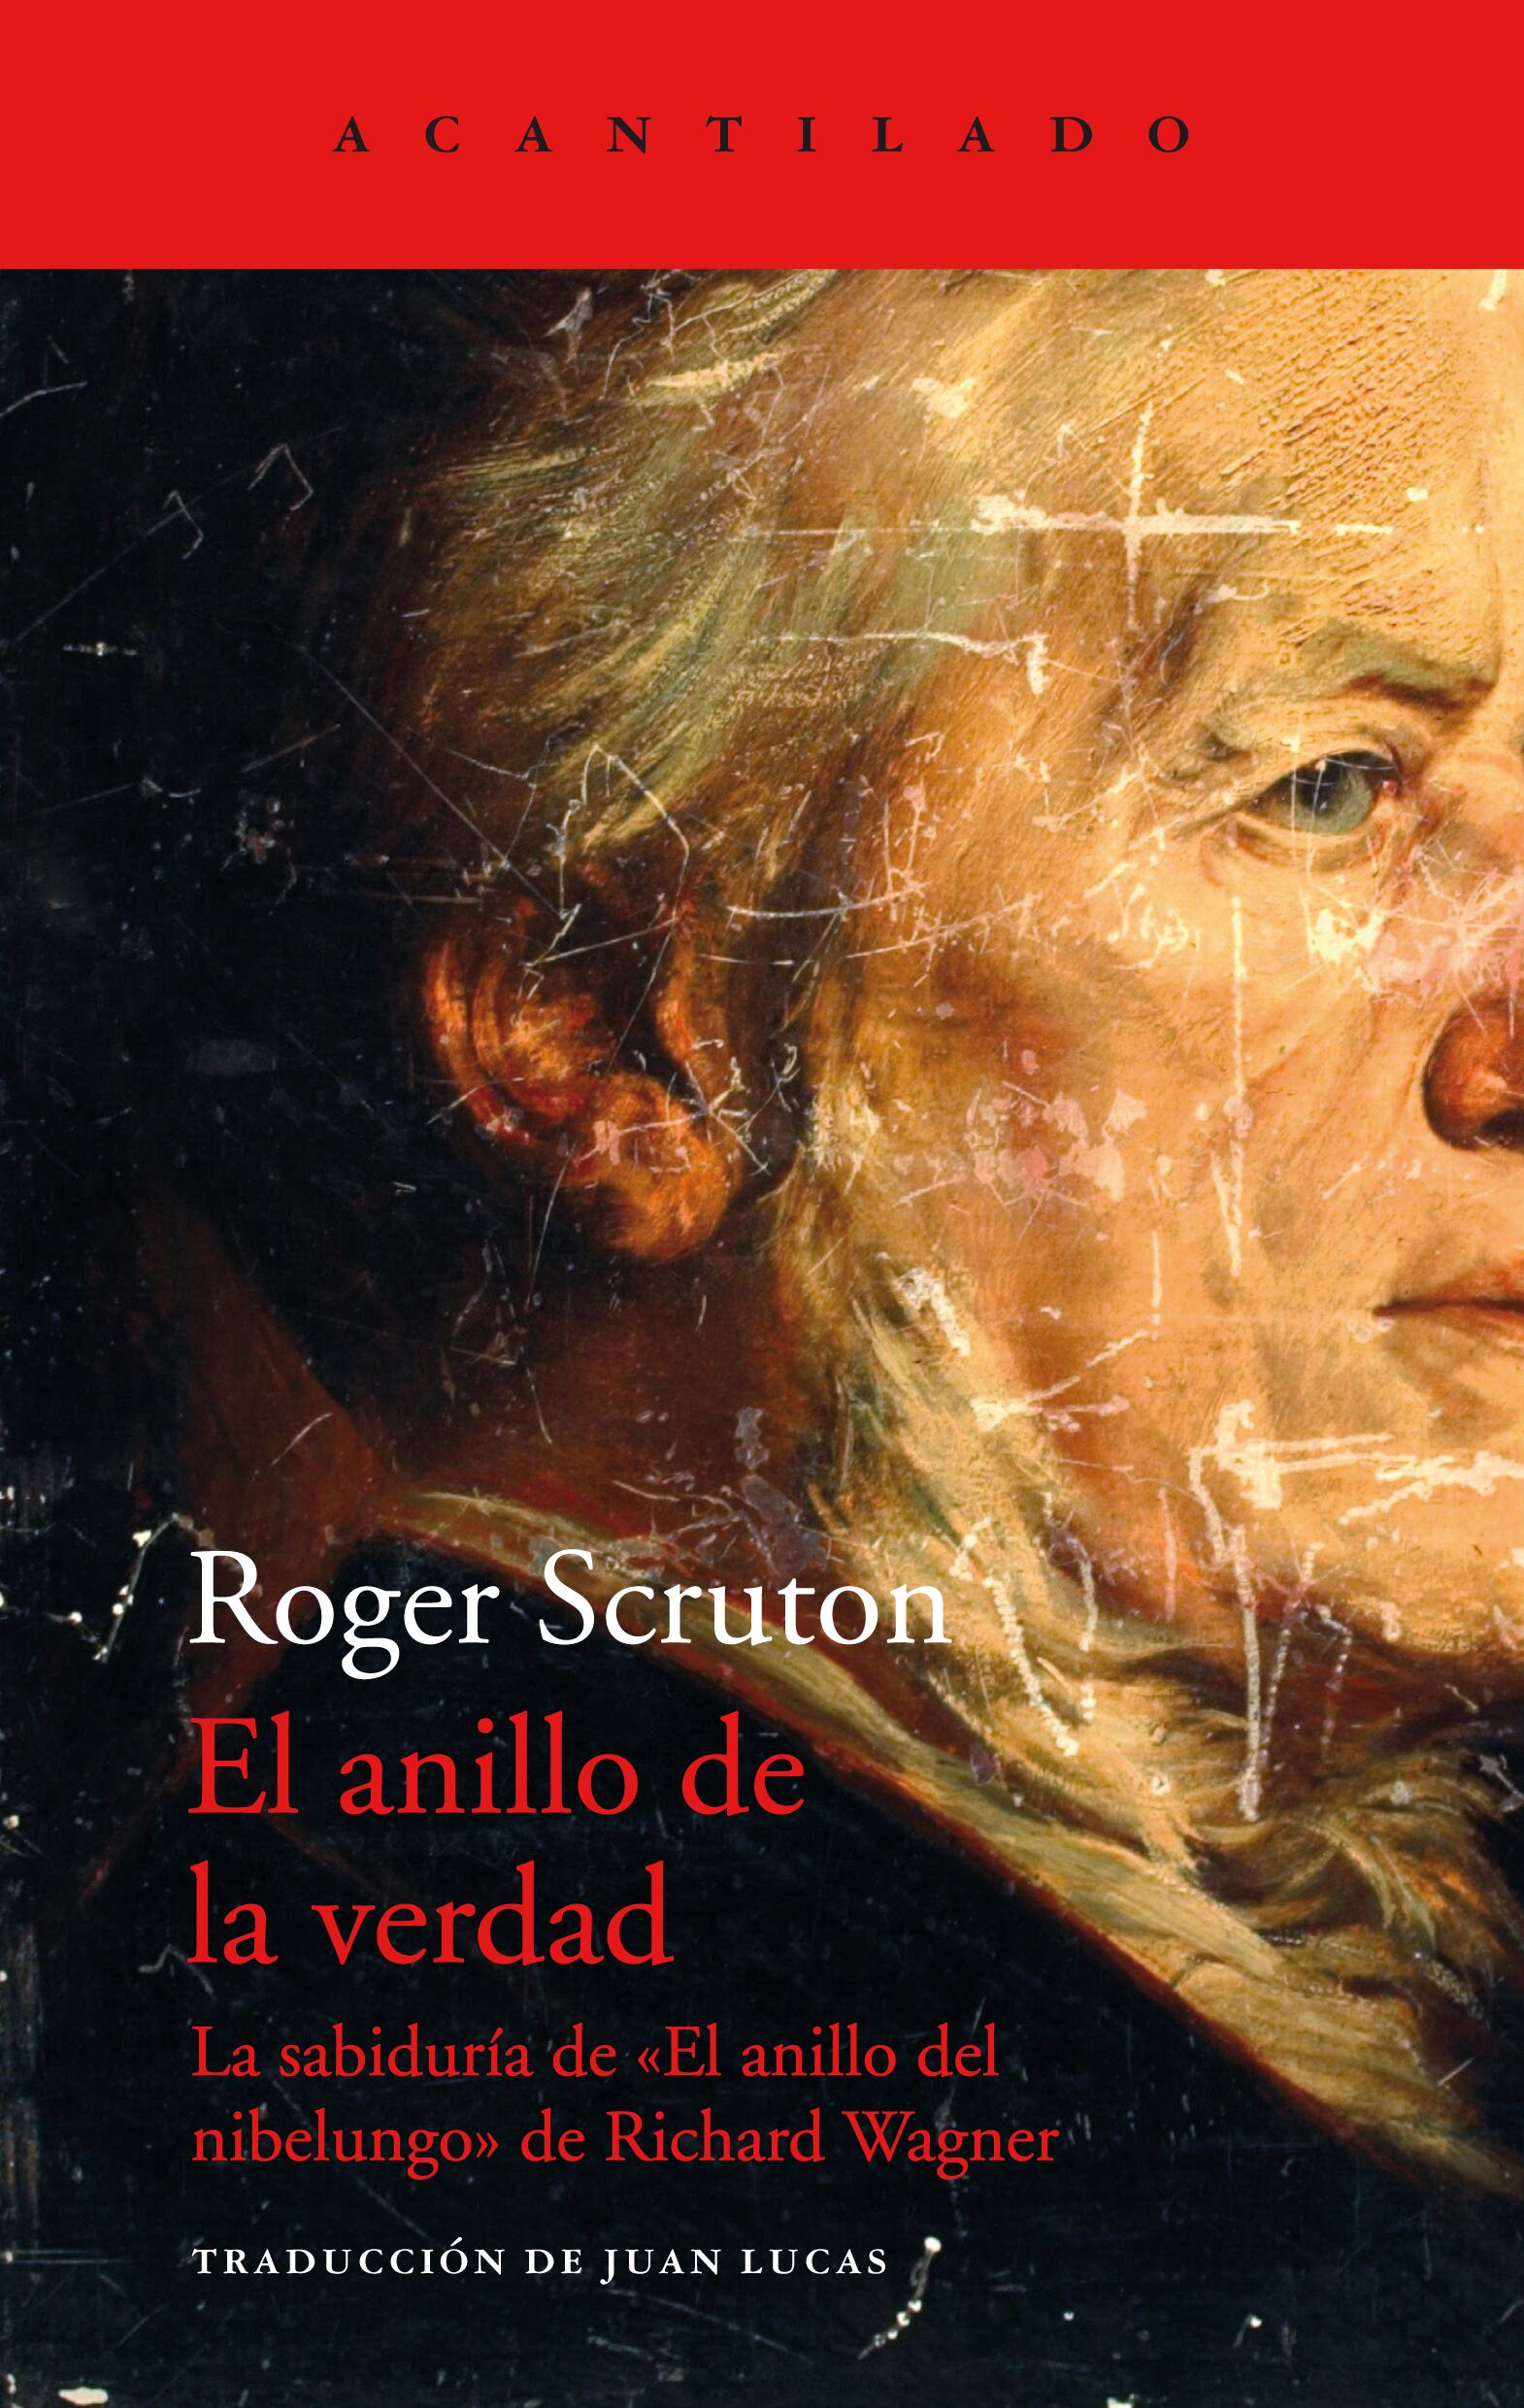 Roger Scruton: El anillo de la verdad